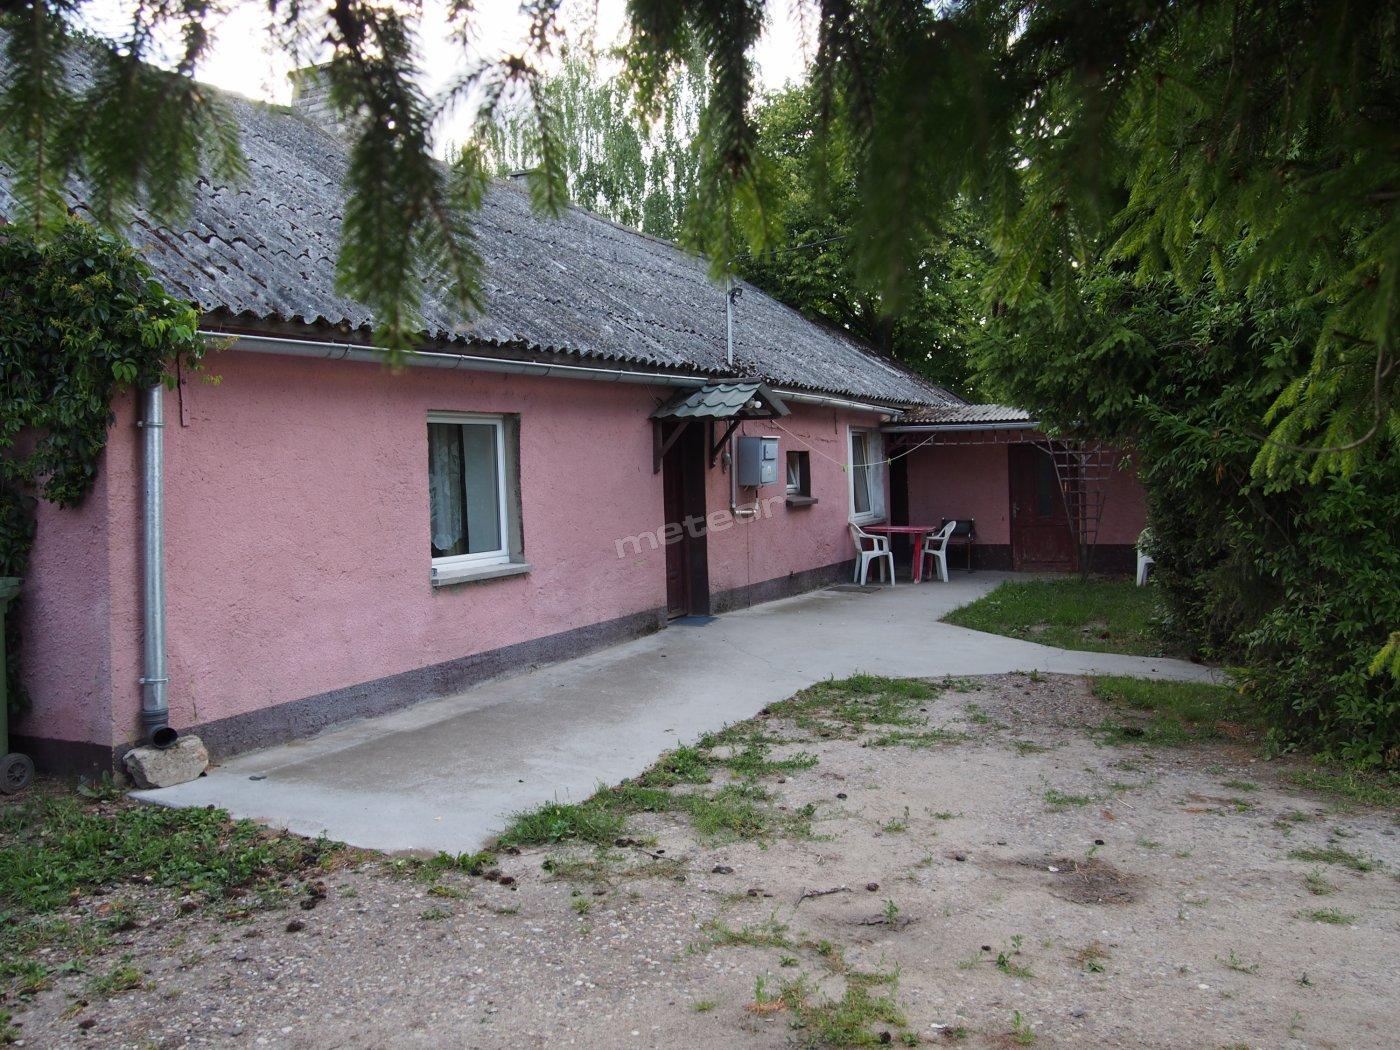 Dom Lipinki: dostępne 3 pokoje, 2 łazienki w pełni wyposażone: kuchnia oraz aneks kuchenny.